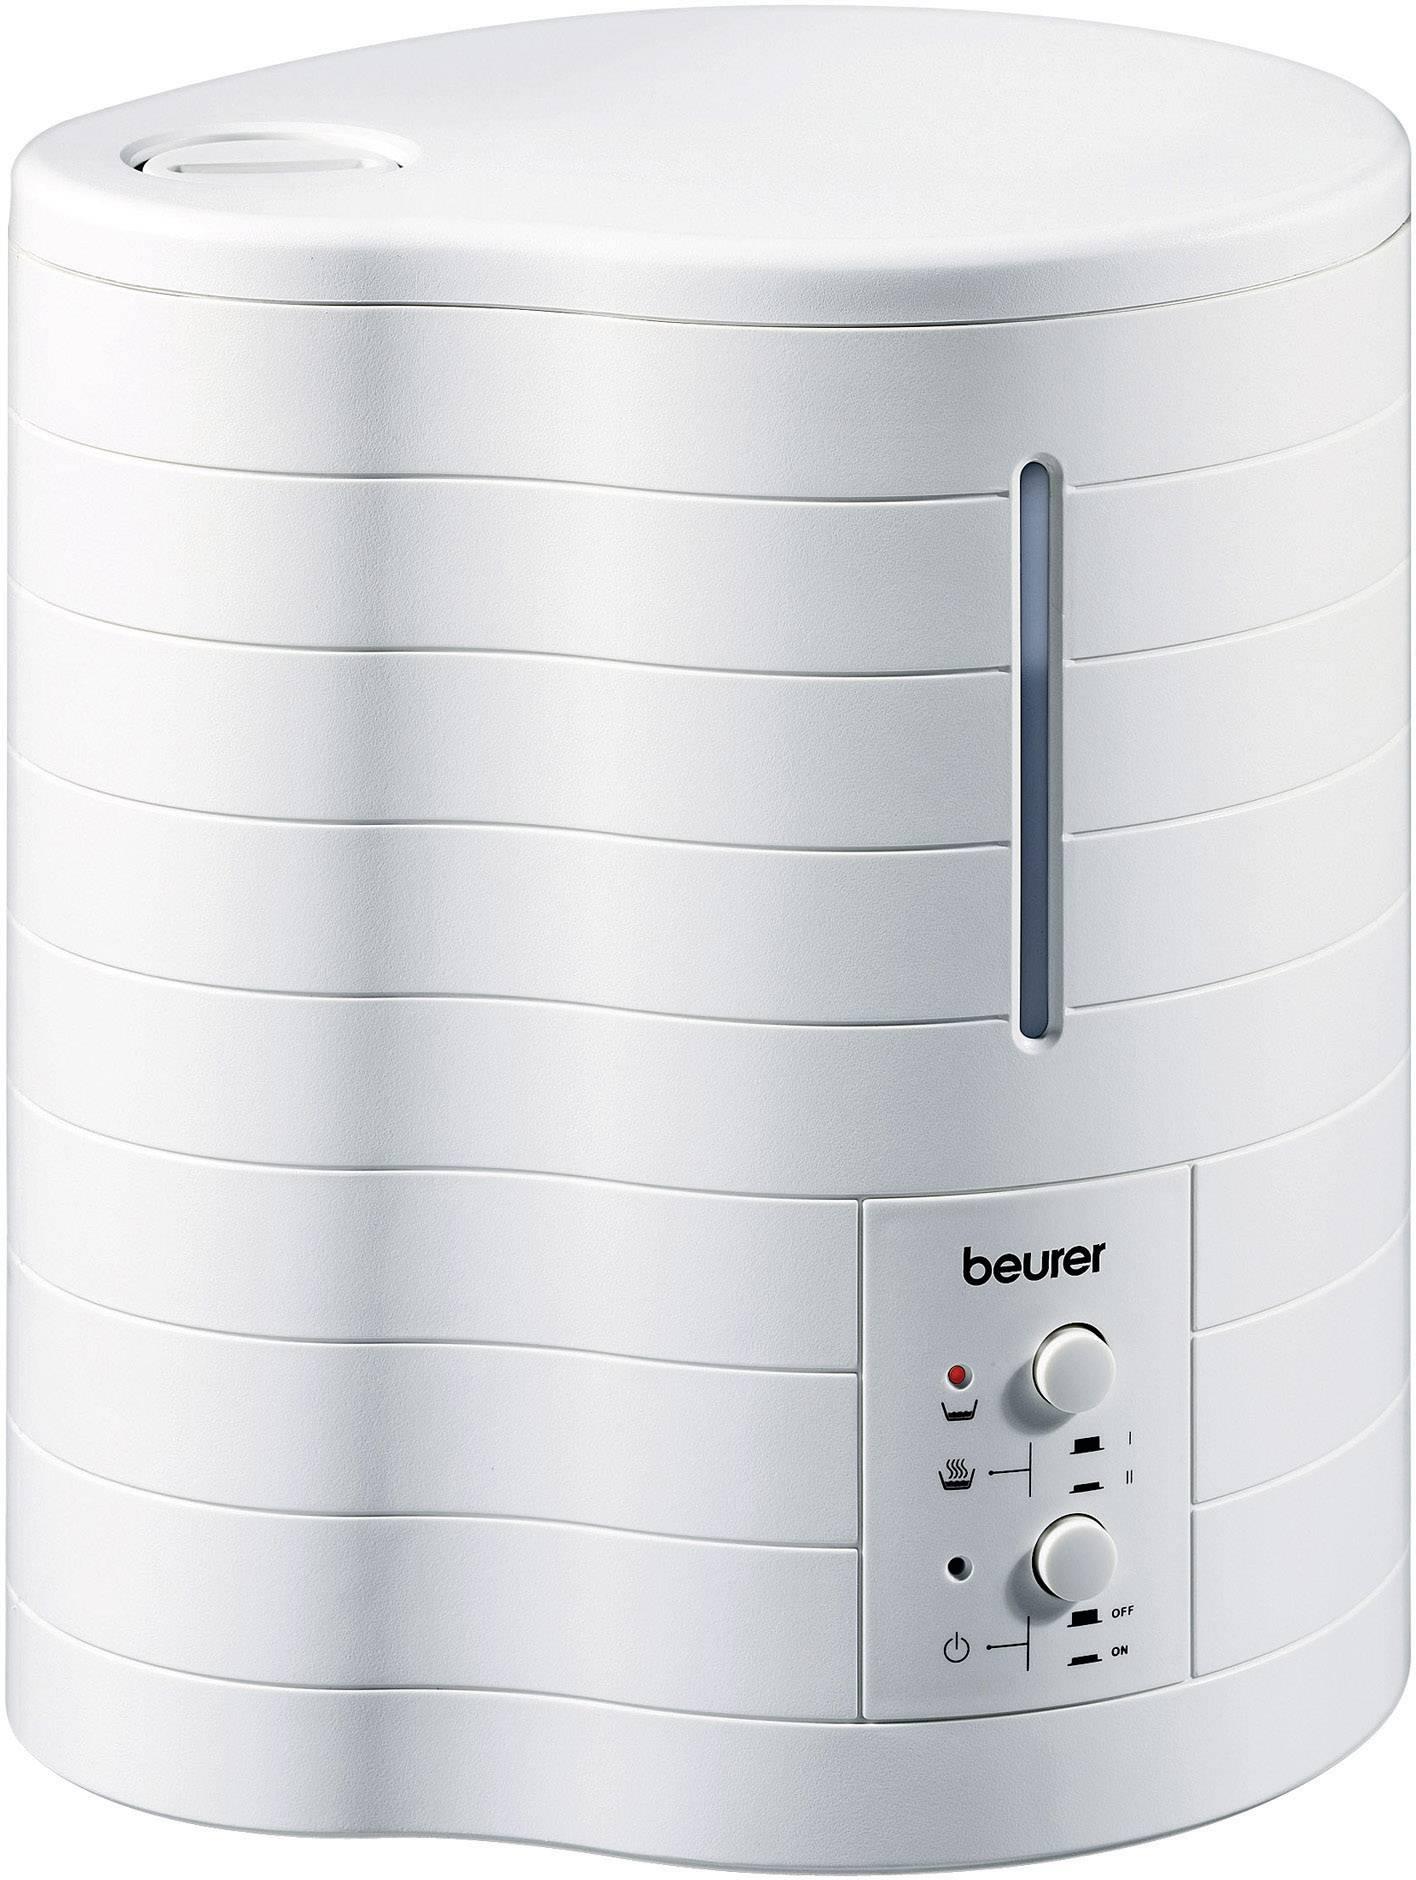 Zvlhčovač vzduchu Beurer LB 50, 681.10, 0,15 l/h, bílá